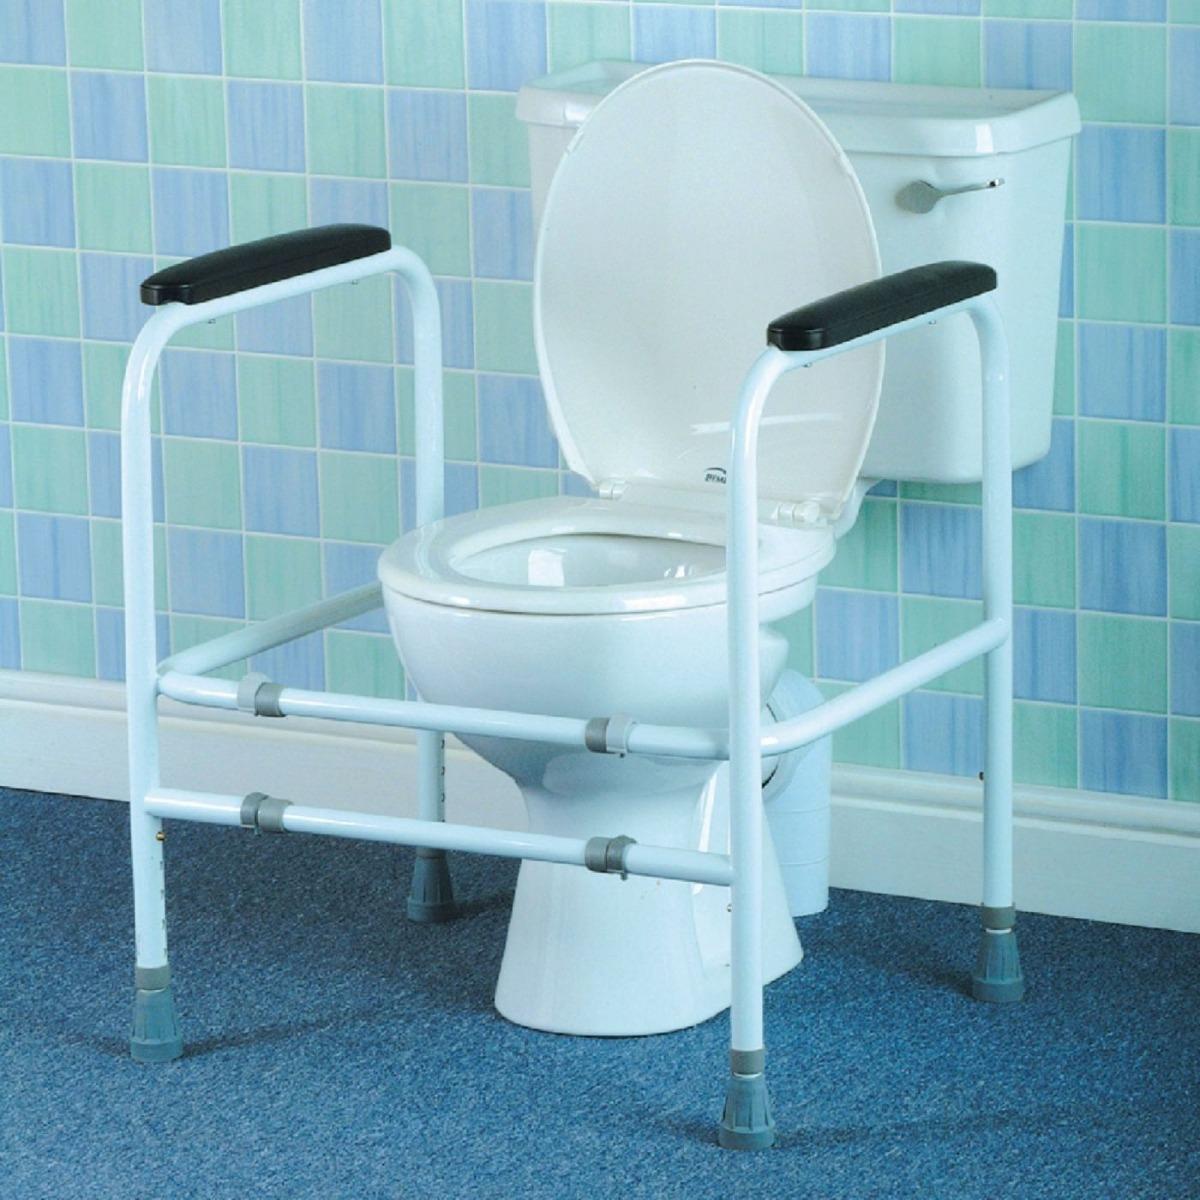 Toilet Surrounds